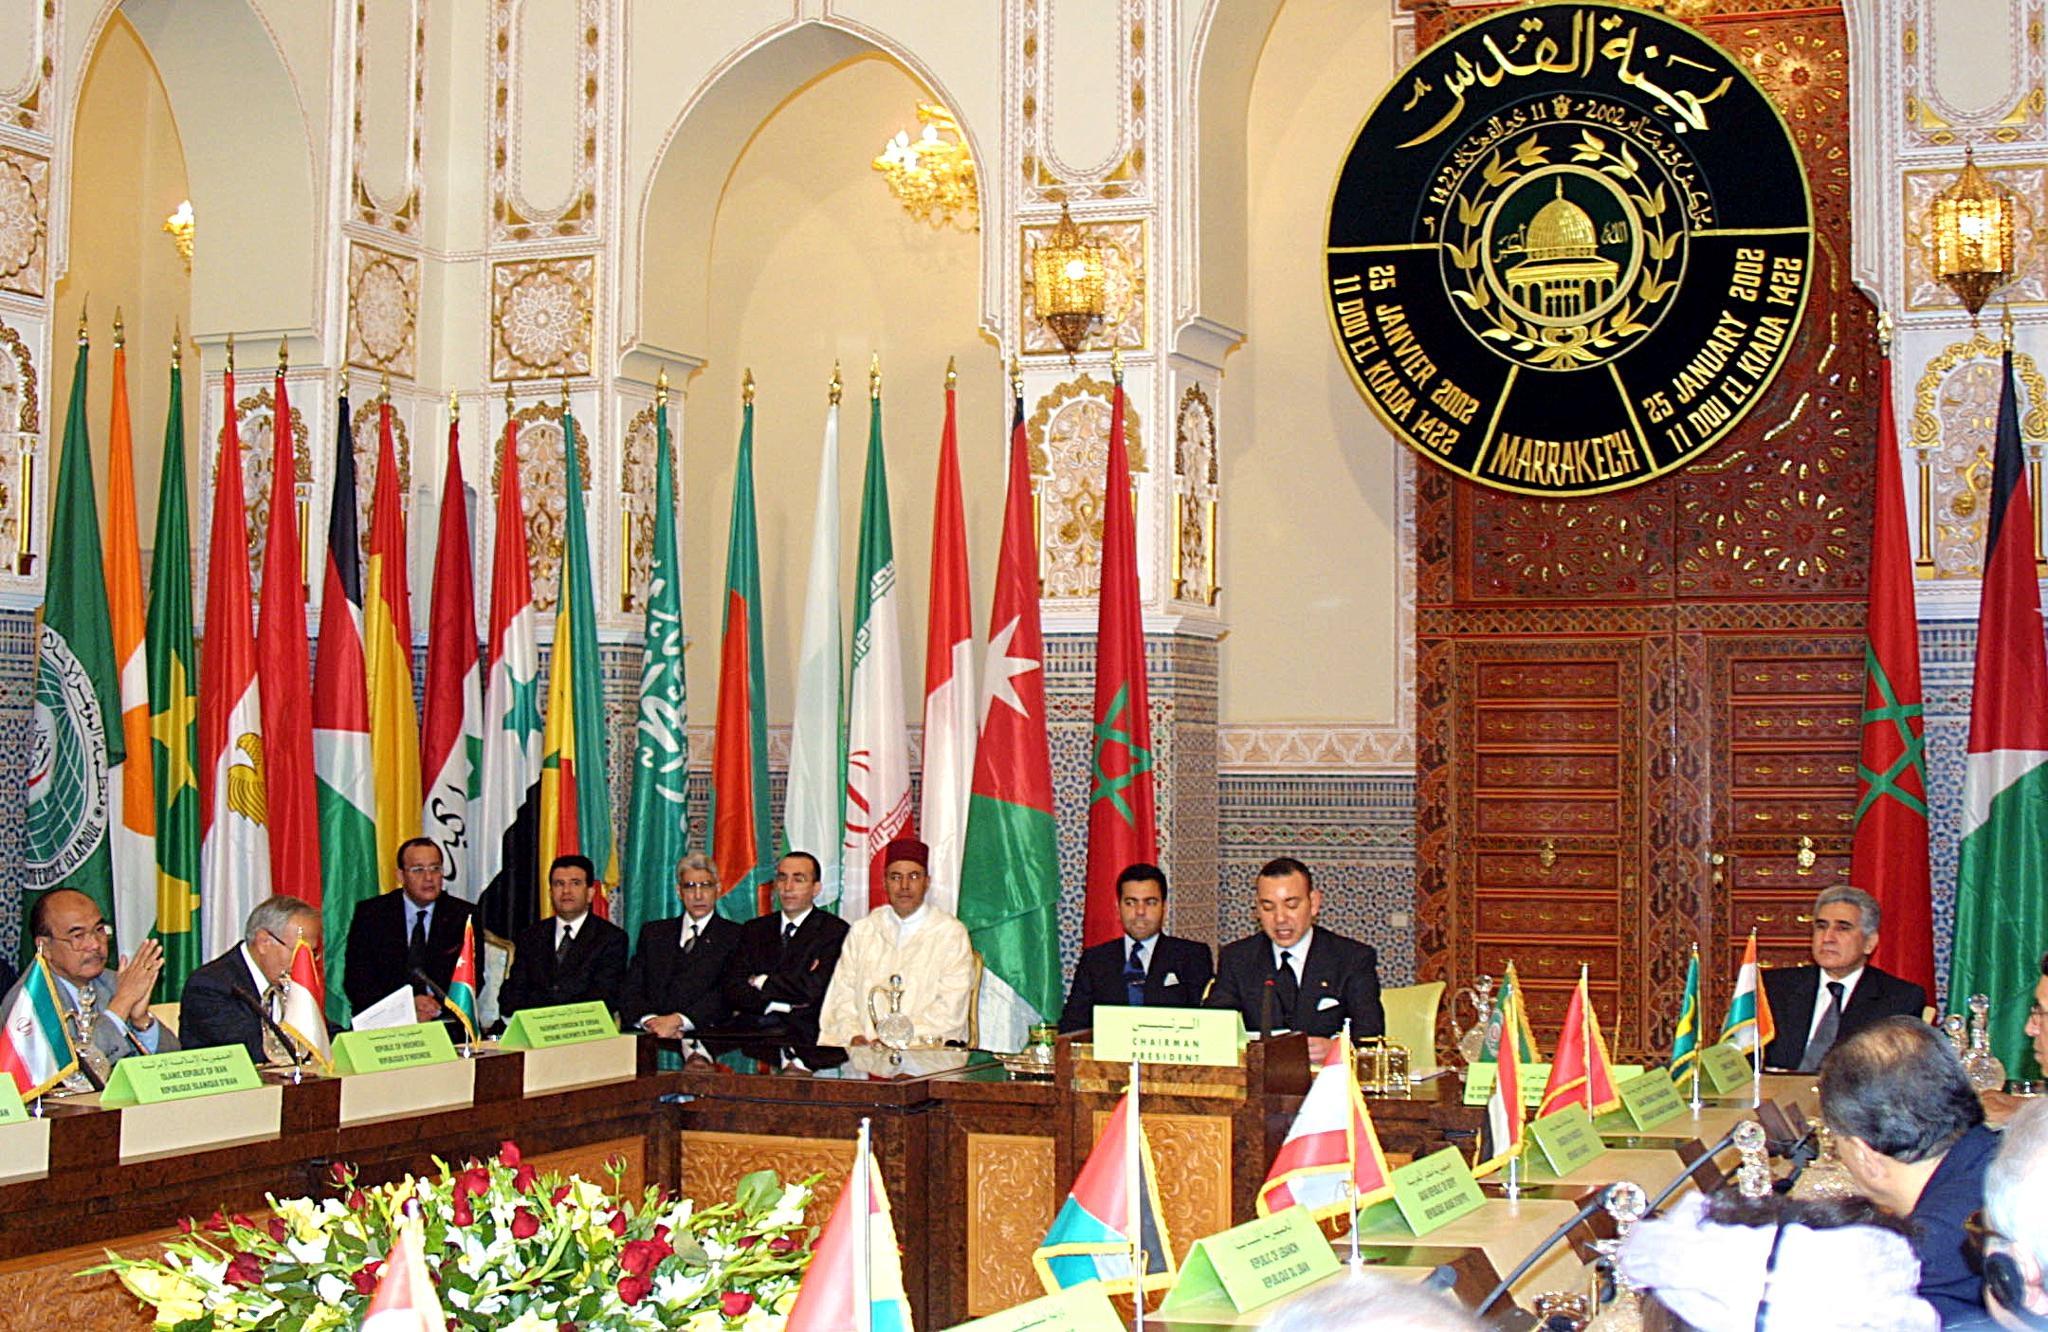 التويجري:لجنة القدس تضطلع بدور بالغ الأهمية في حماية المقدسات الإسلامية